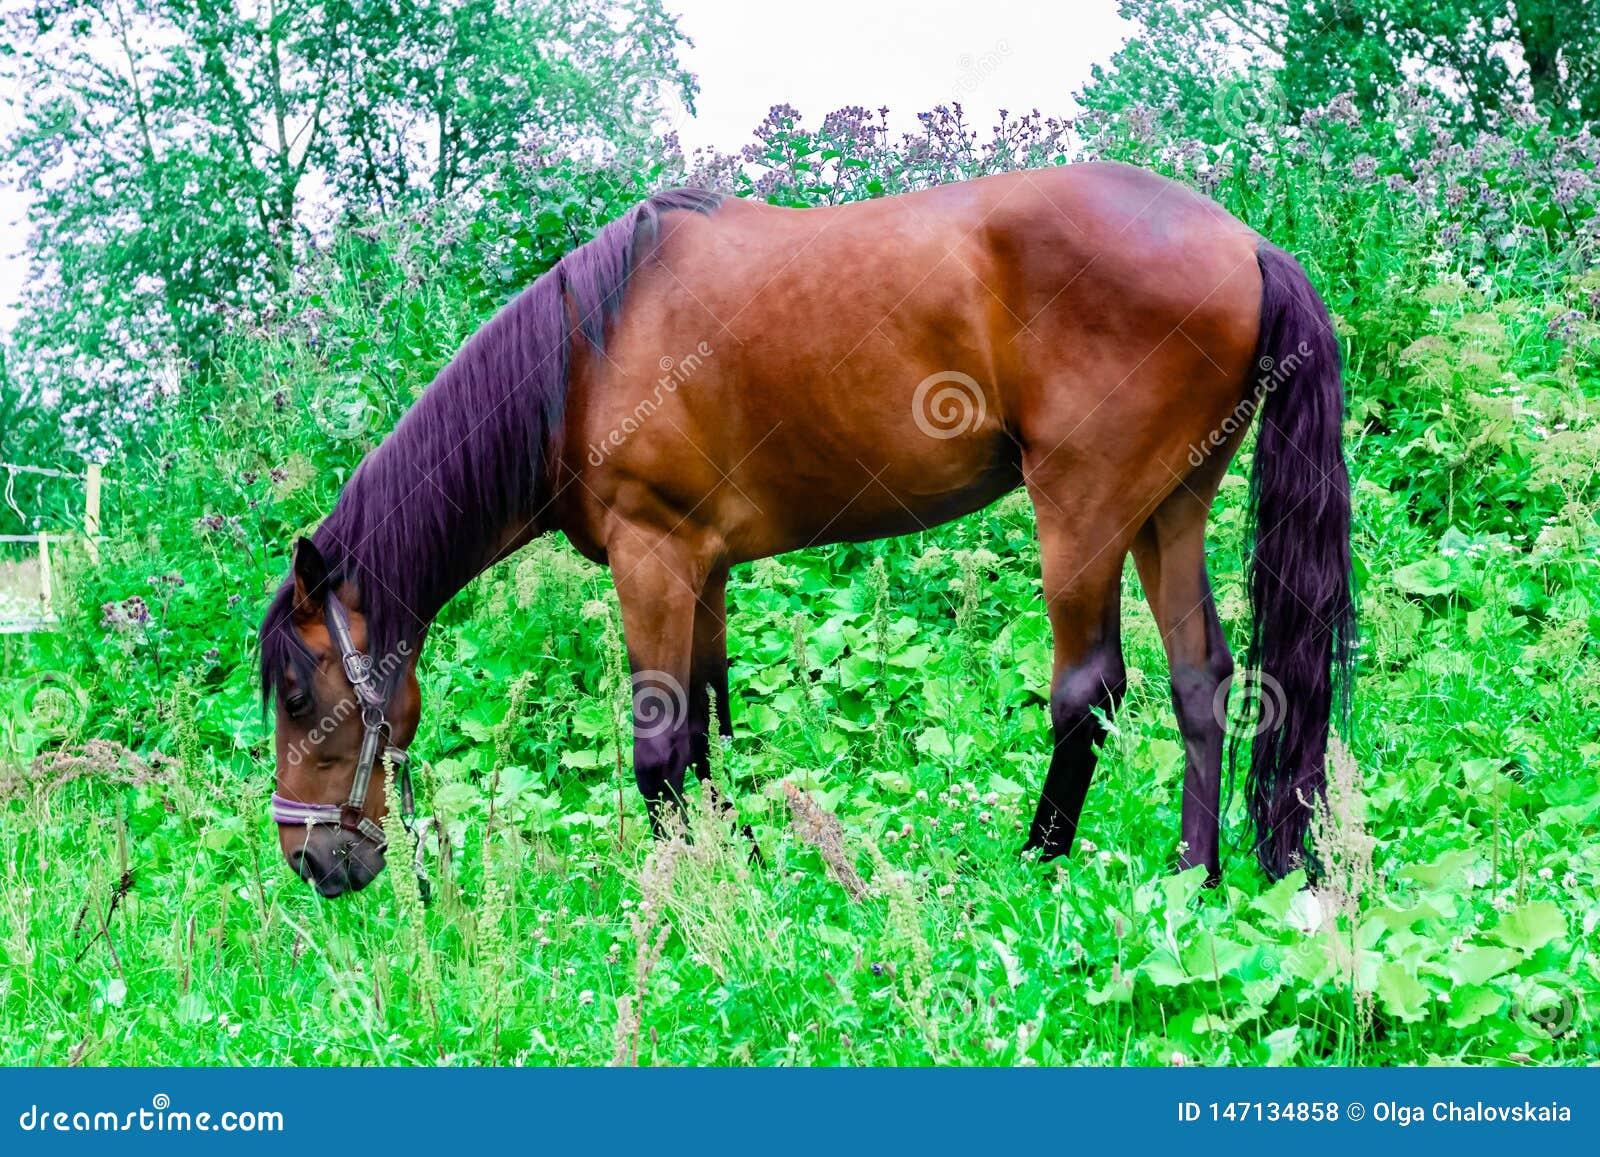 Het mooie kastanjepaard met zwarte en purpere manen weidt op een groen weiland